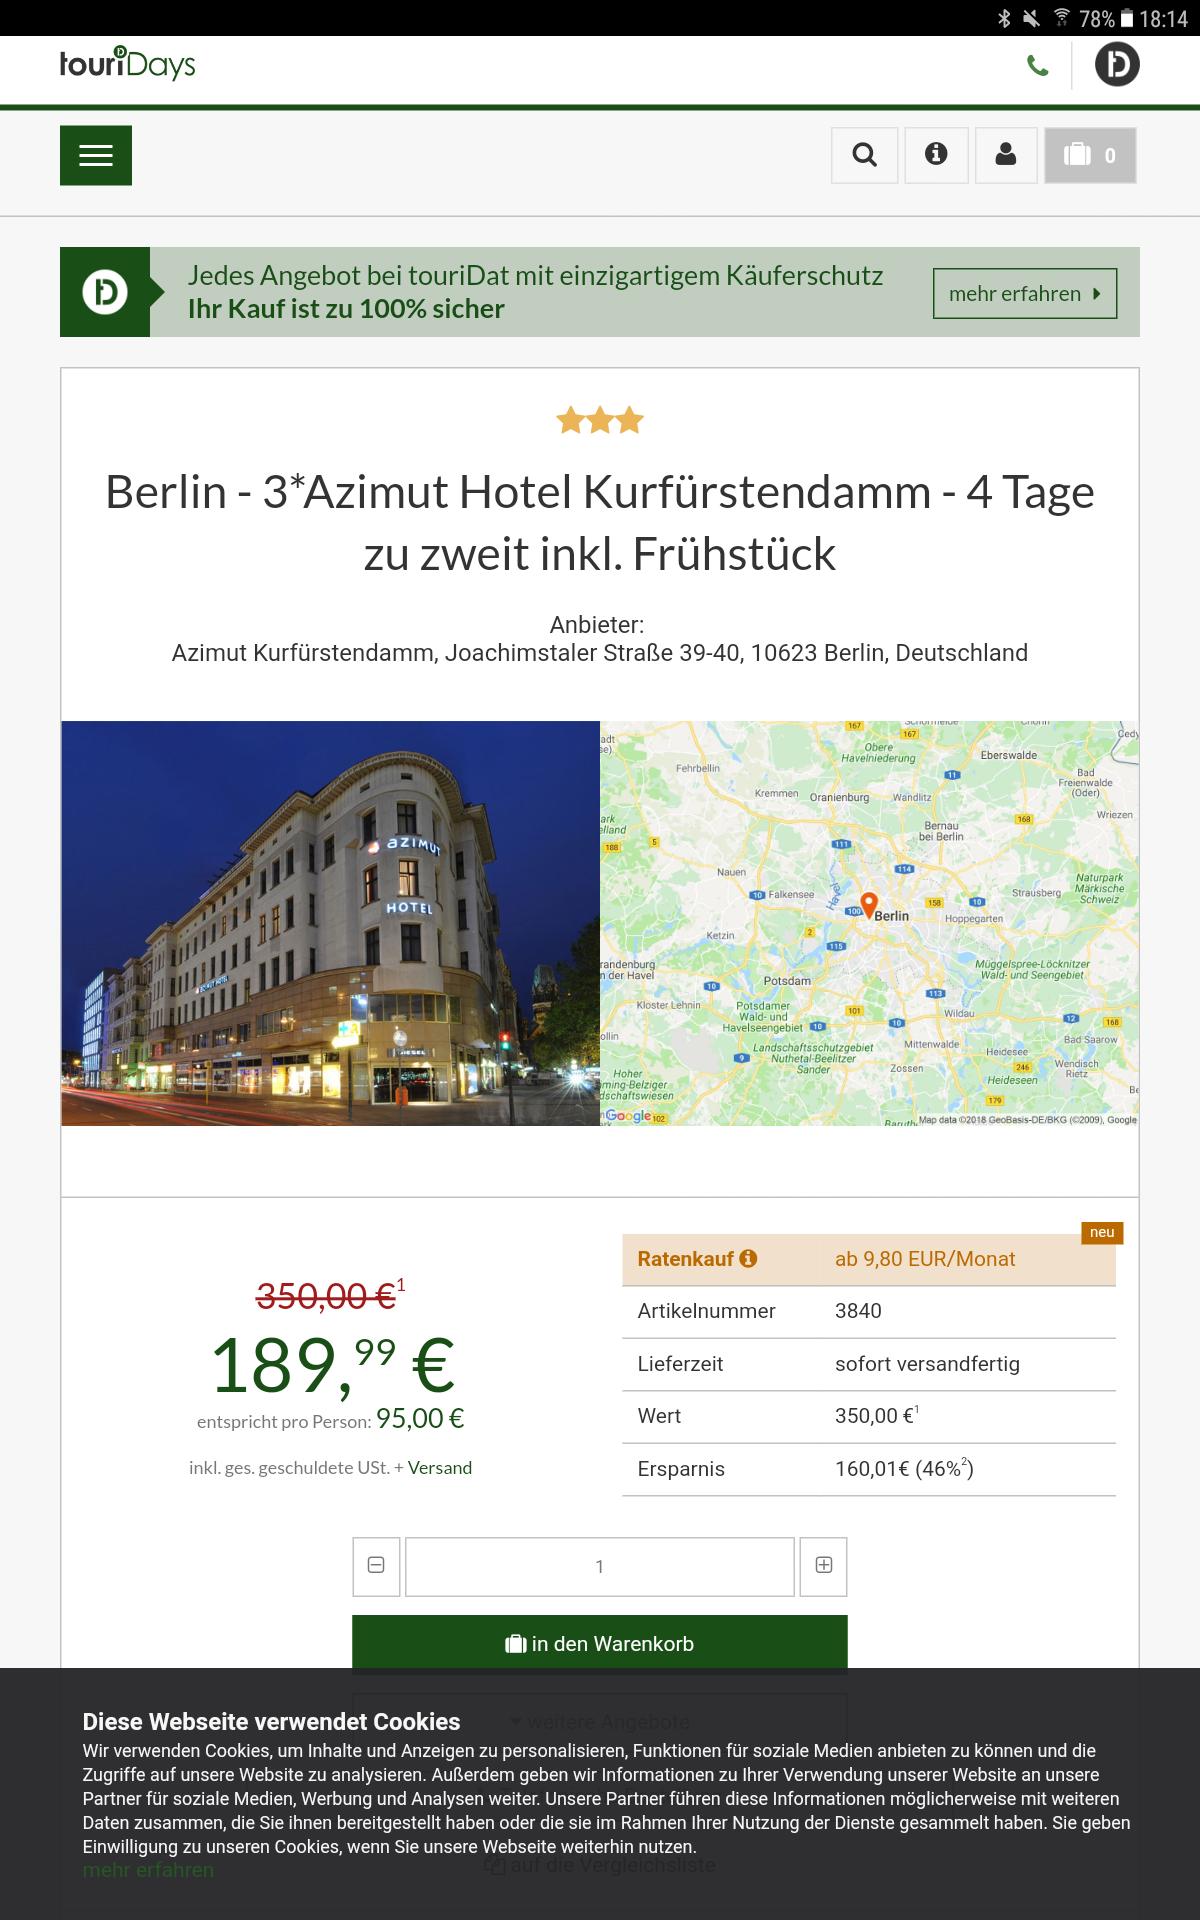 Berlin - 3*Azimut Hotel Kurfürstendamm - 4 Tage zu zweit inkl. Frühstück